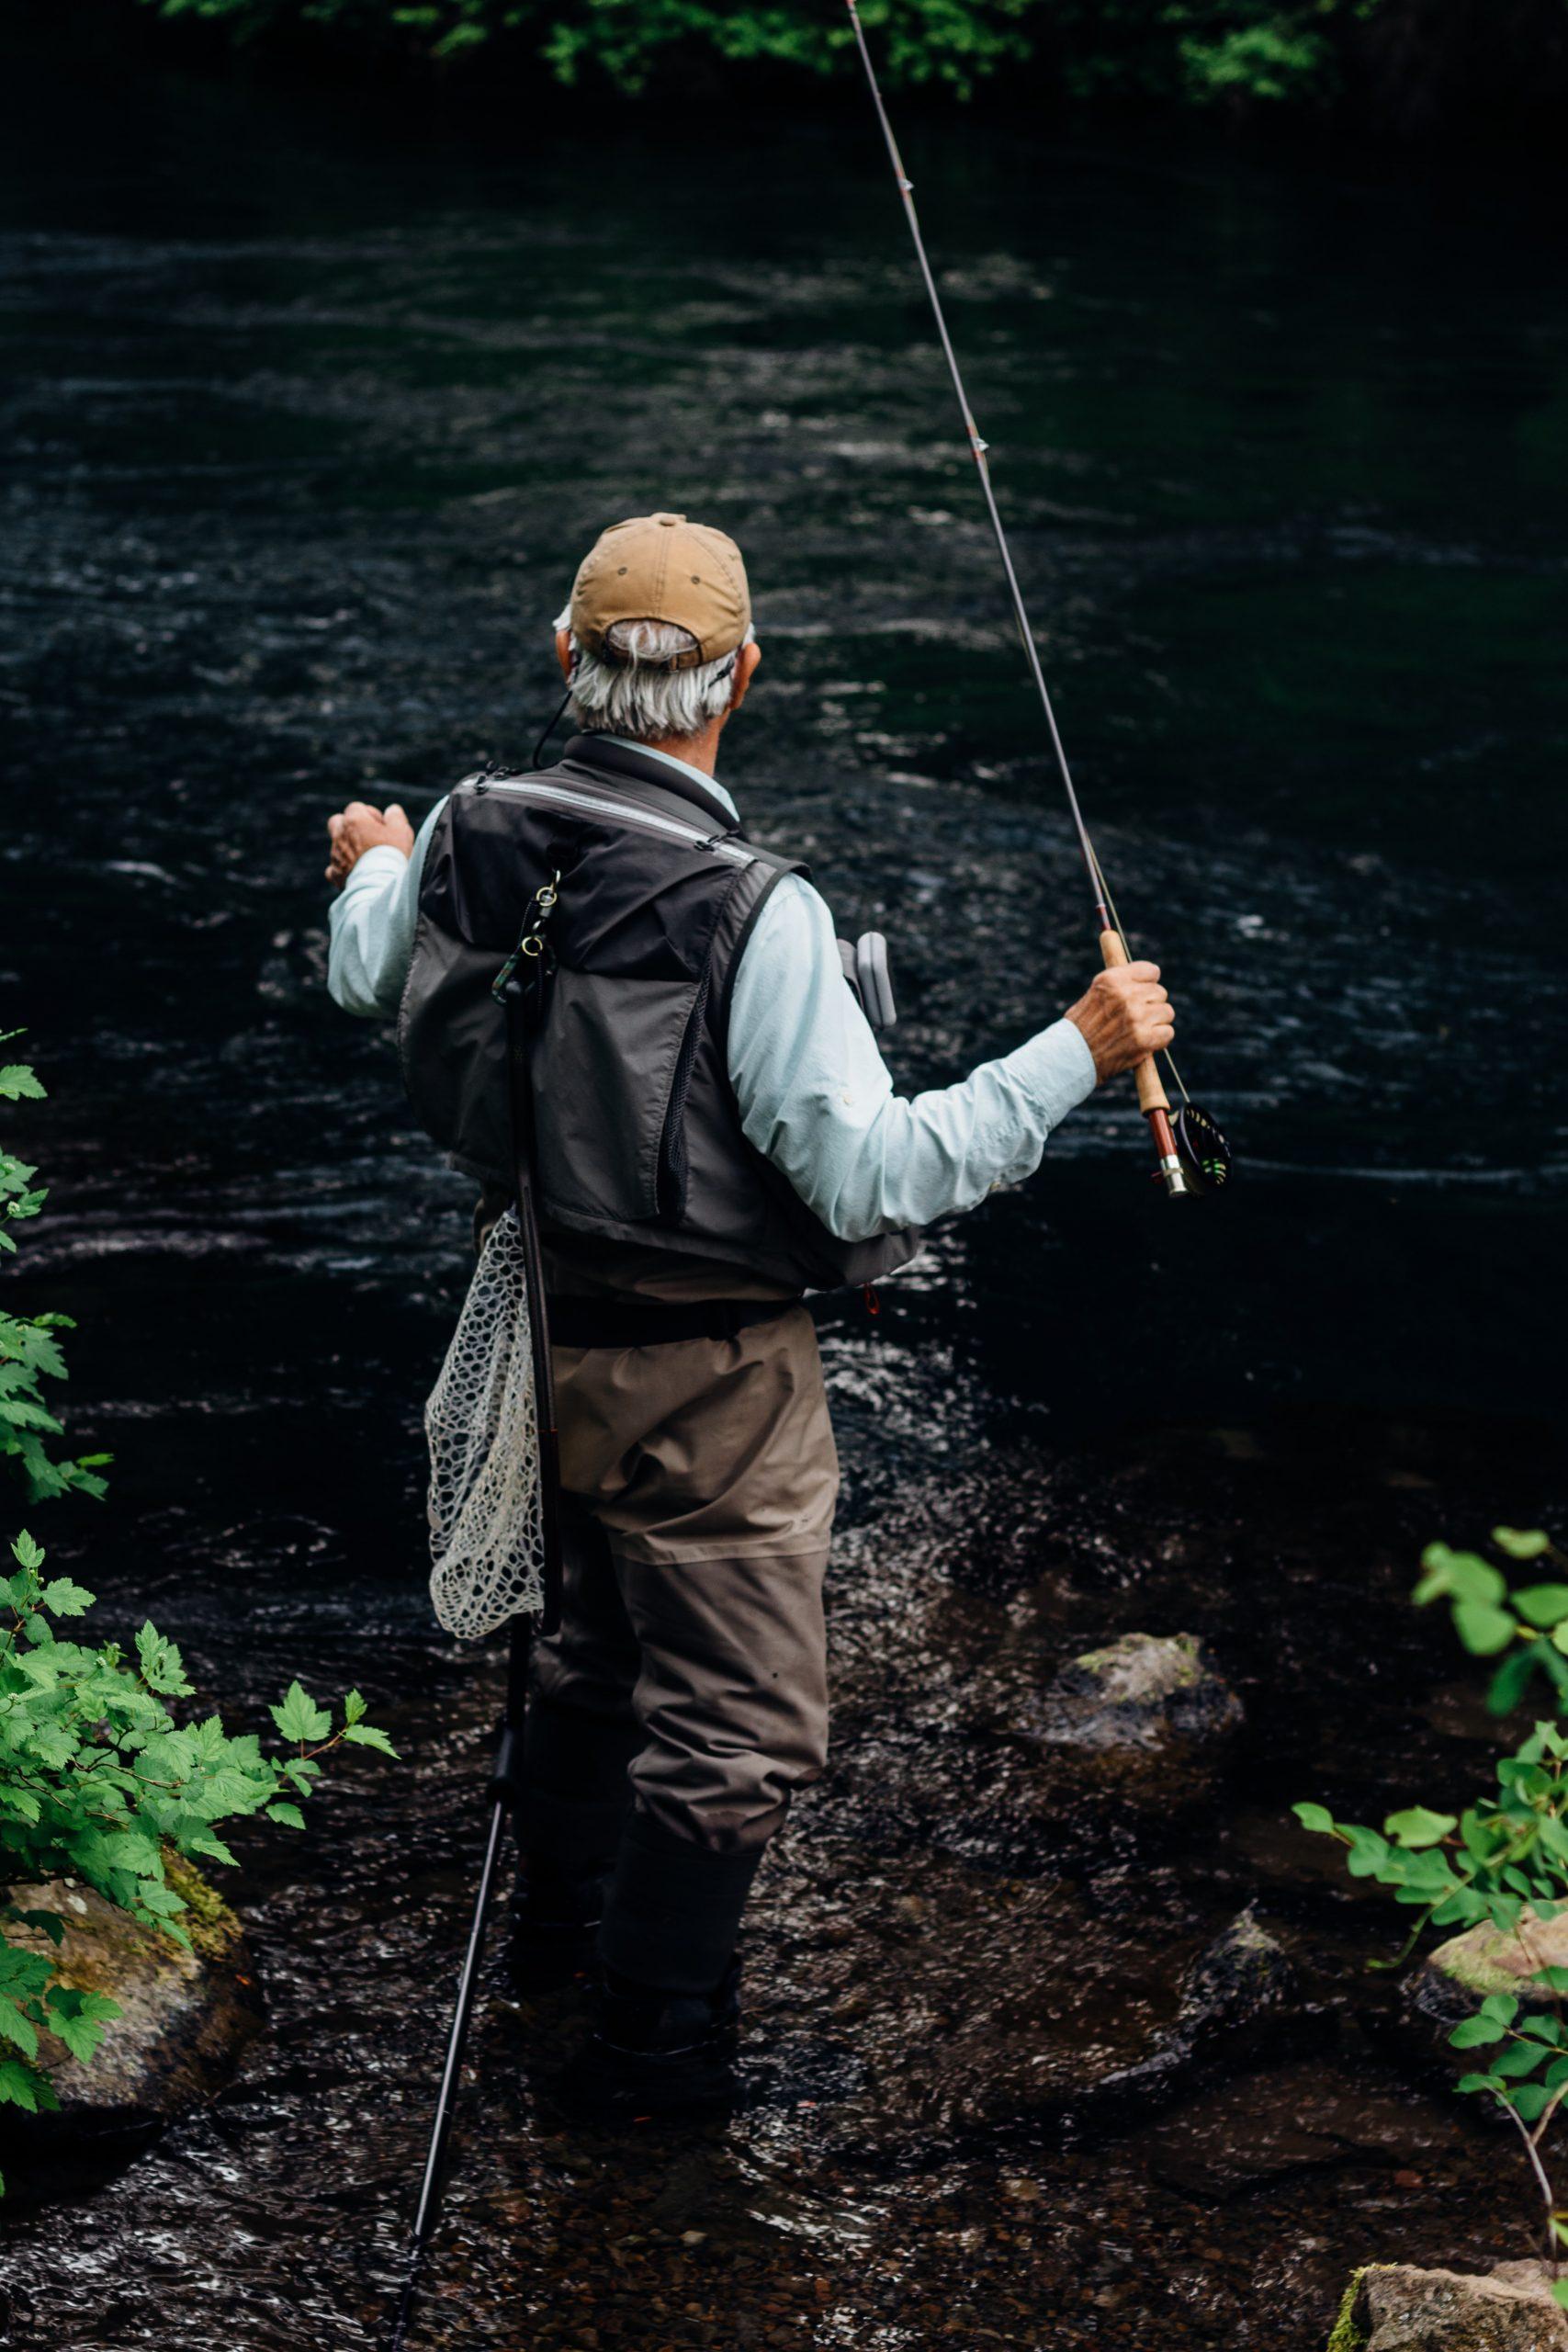 Meilleurs Gilets de pêche